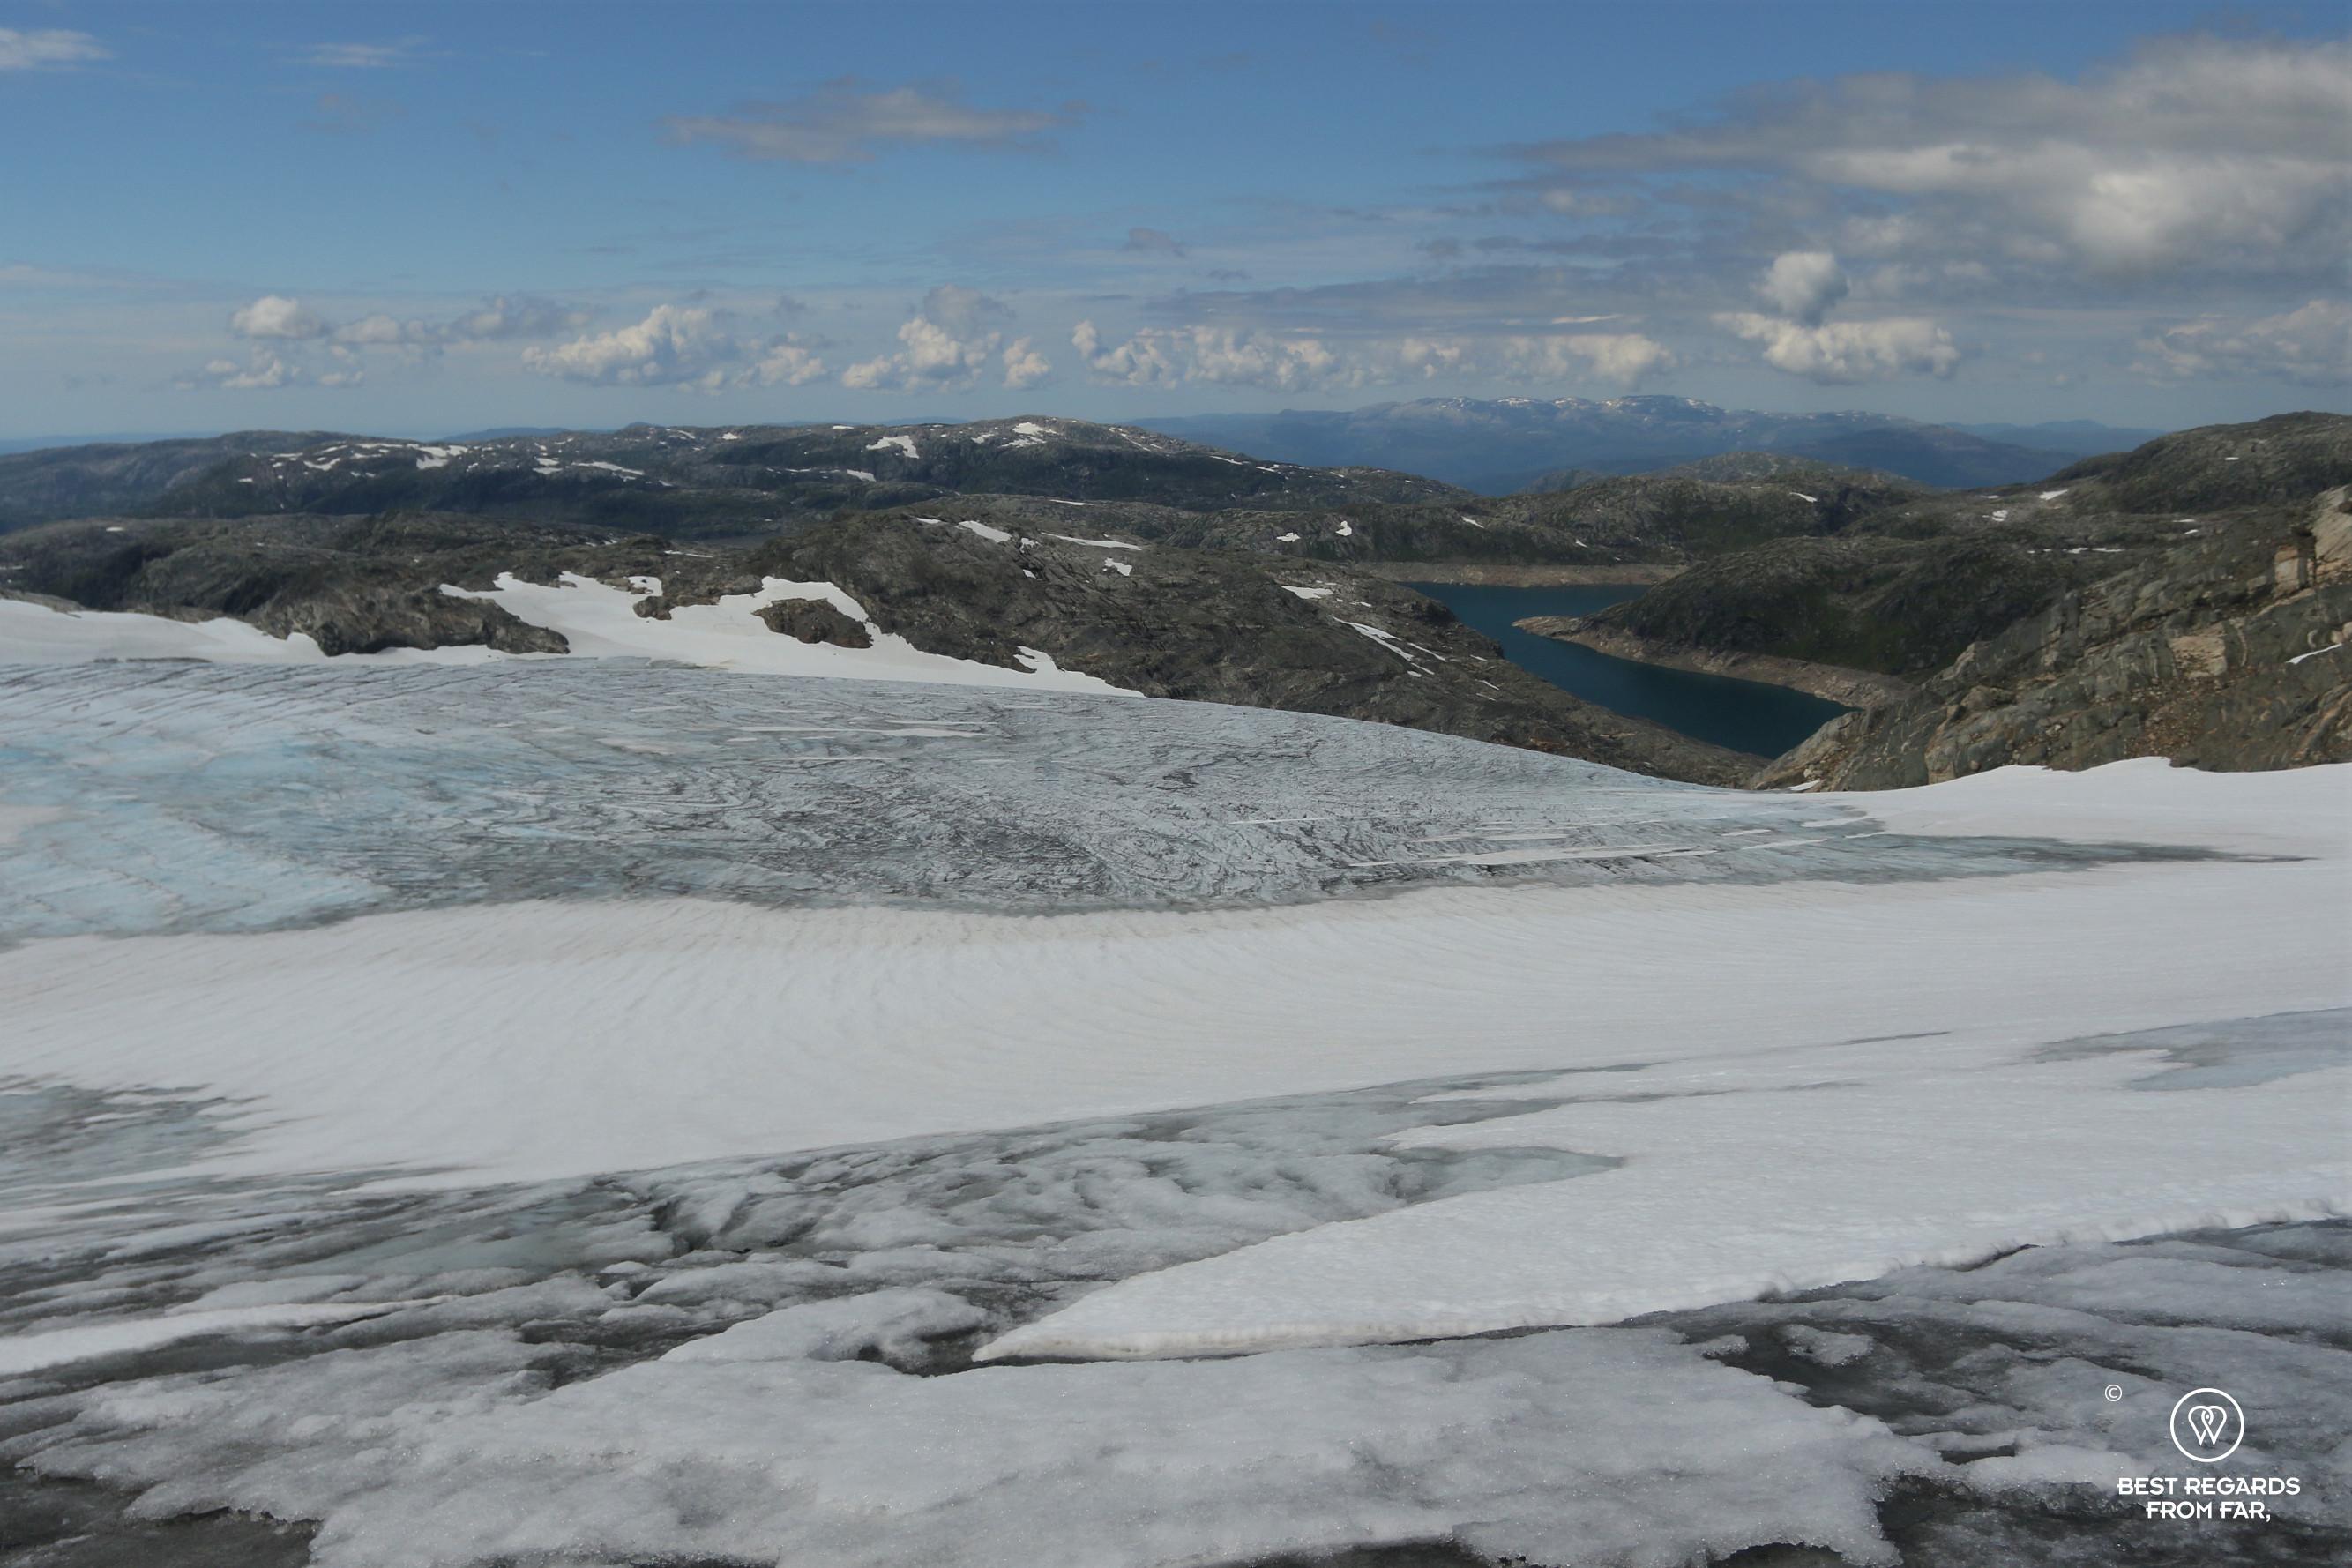 The Fonna Glacier, Norway